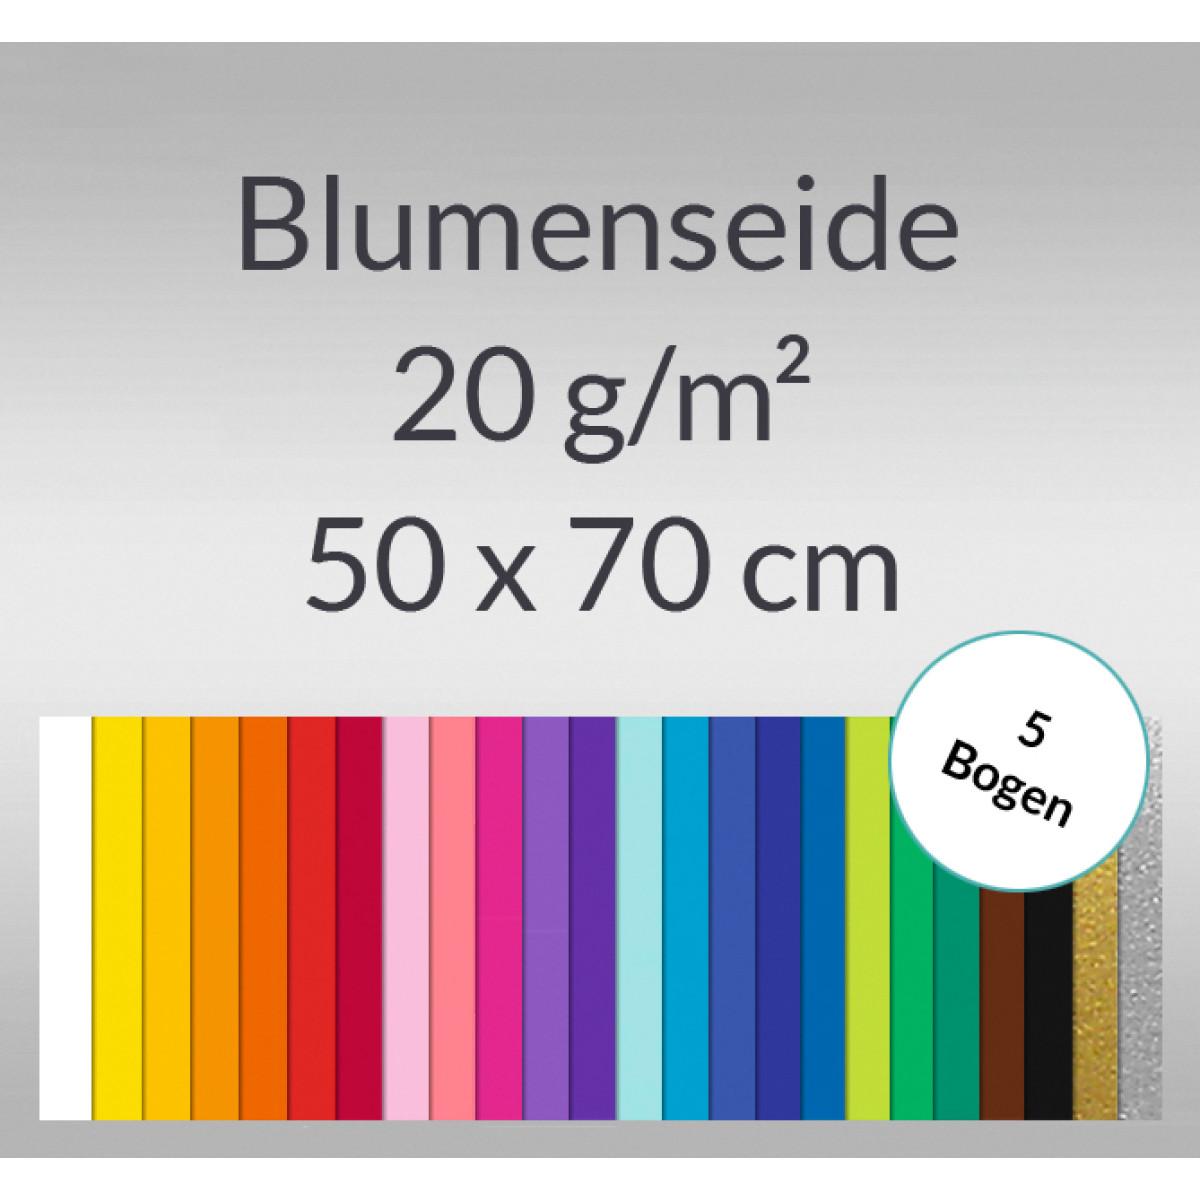 Blumenseide 20 g/qm 50 x 70 cm - 5 Bogen